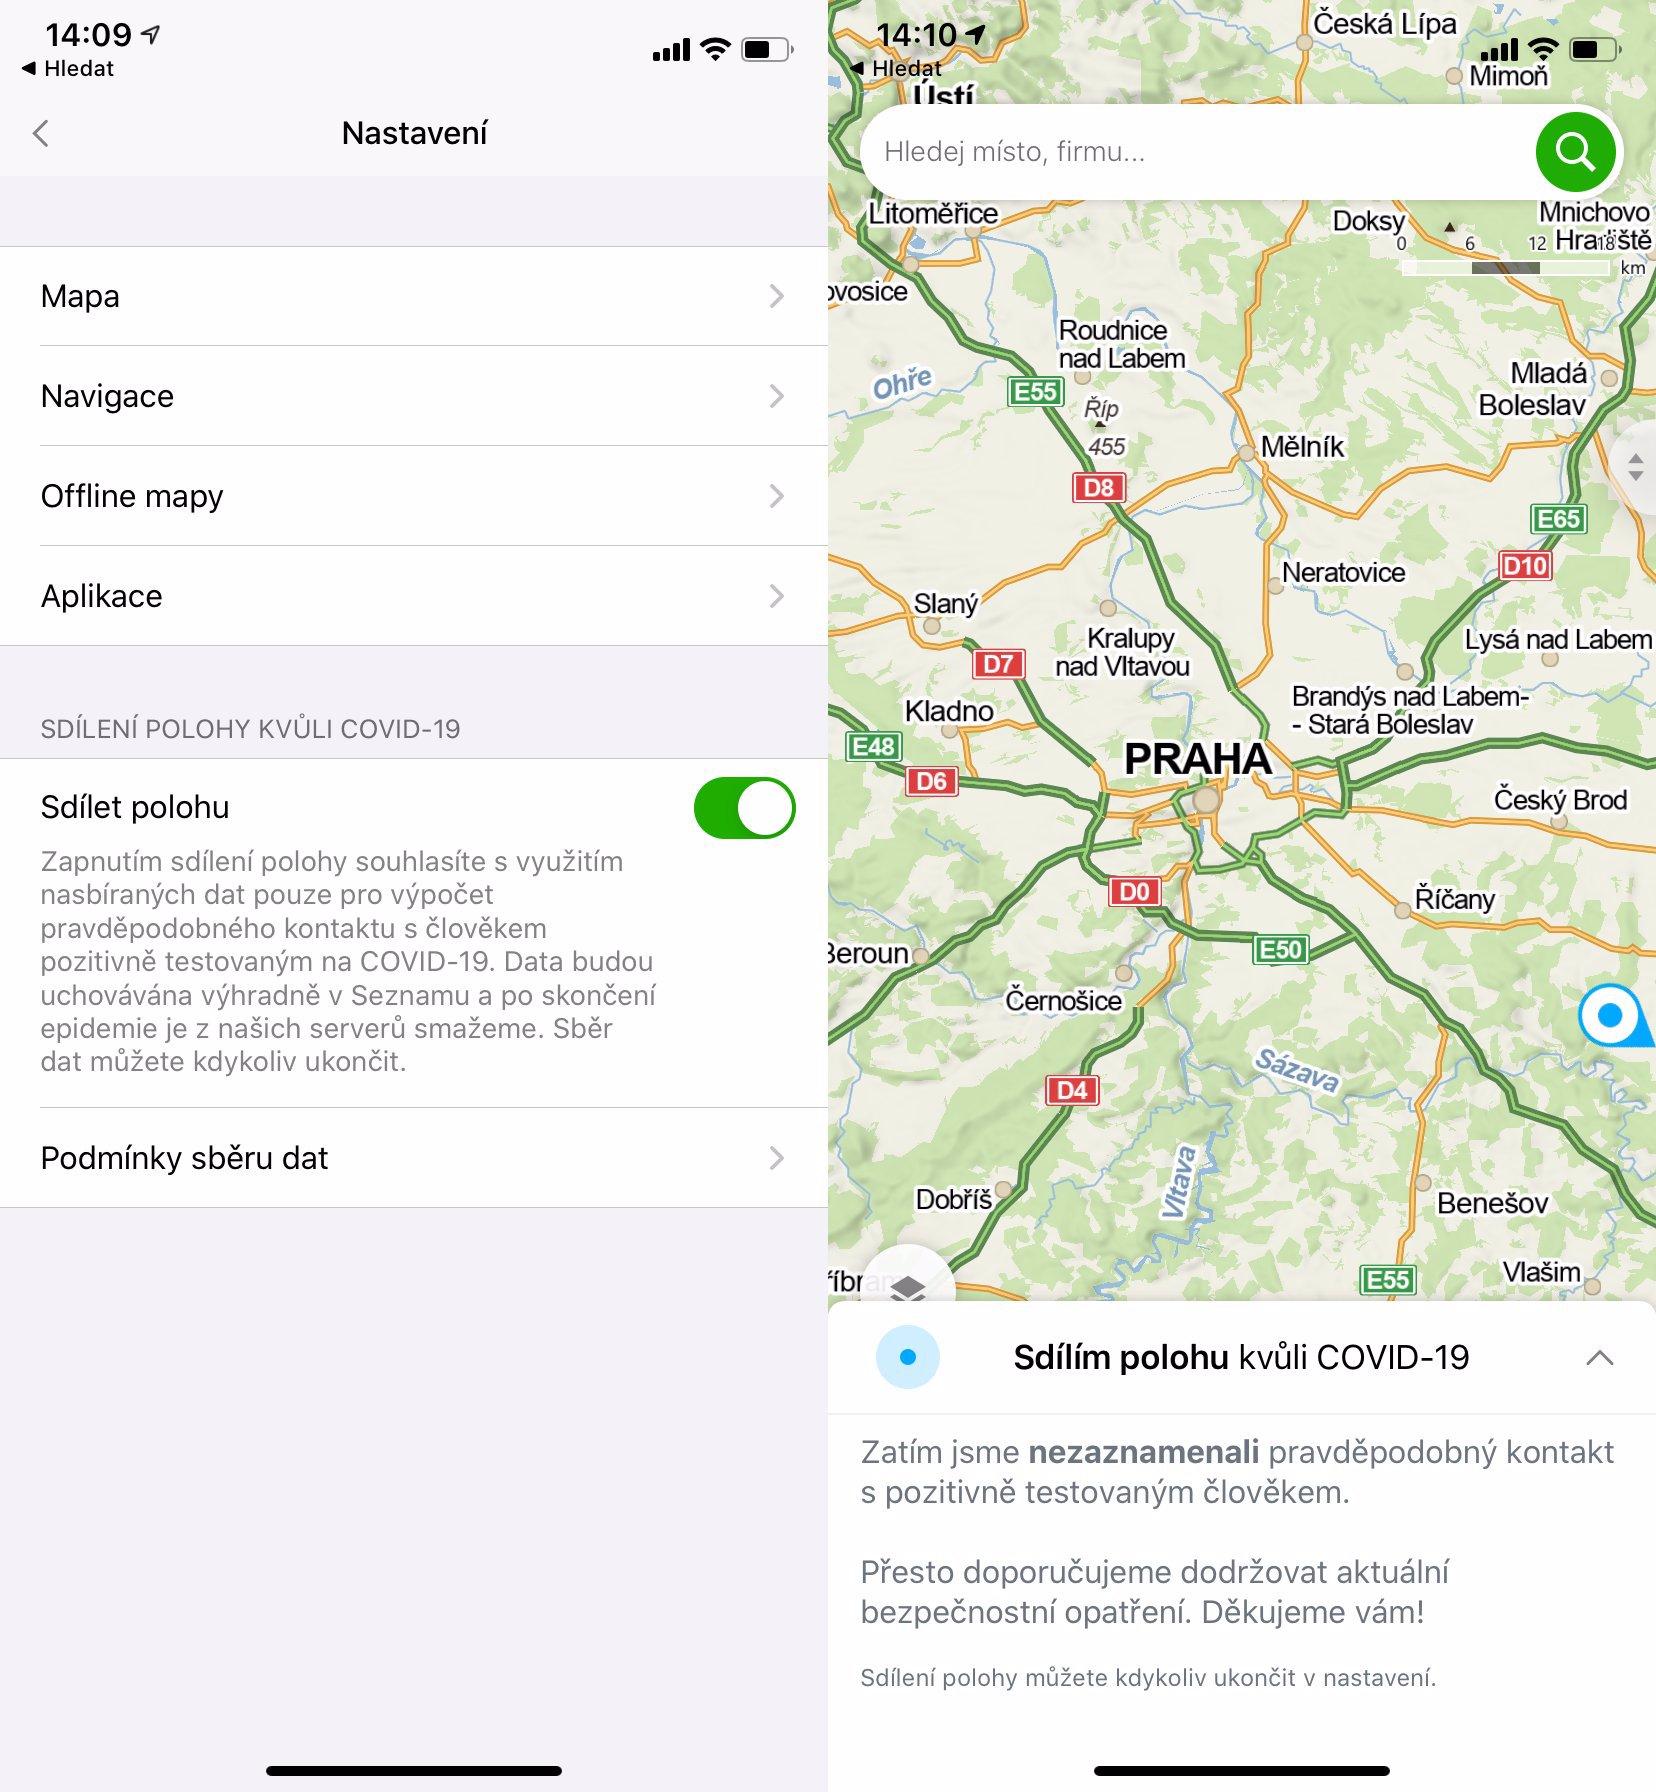 Mapy.cz řeknou, že jste potkali nakaženého koronavirem: Přehledný návod k nastavení